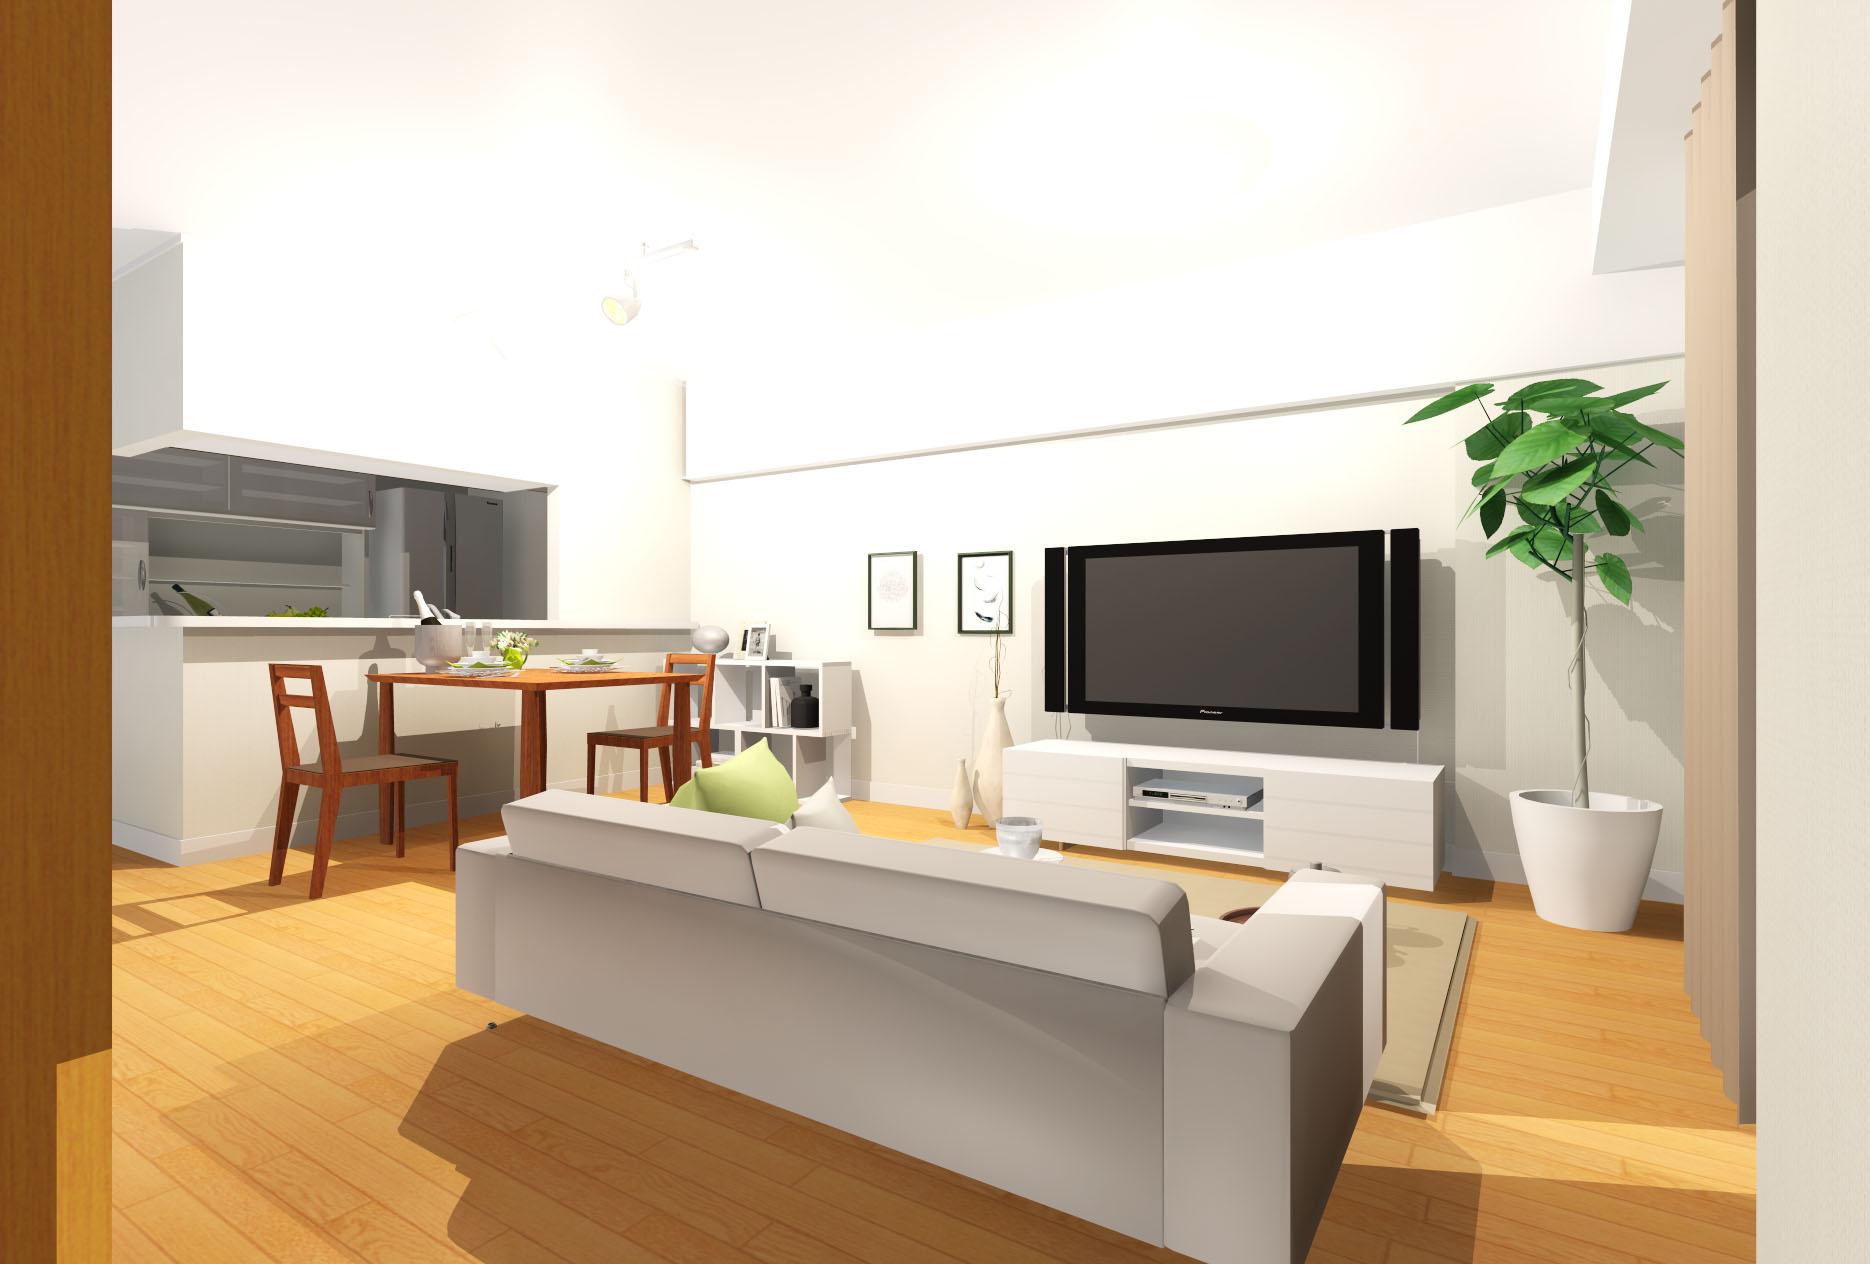 開放感ある心地良いリビング。きらめき素材でアクセントを添え、モデルルームのような空間。